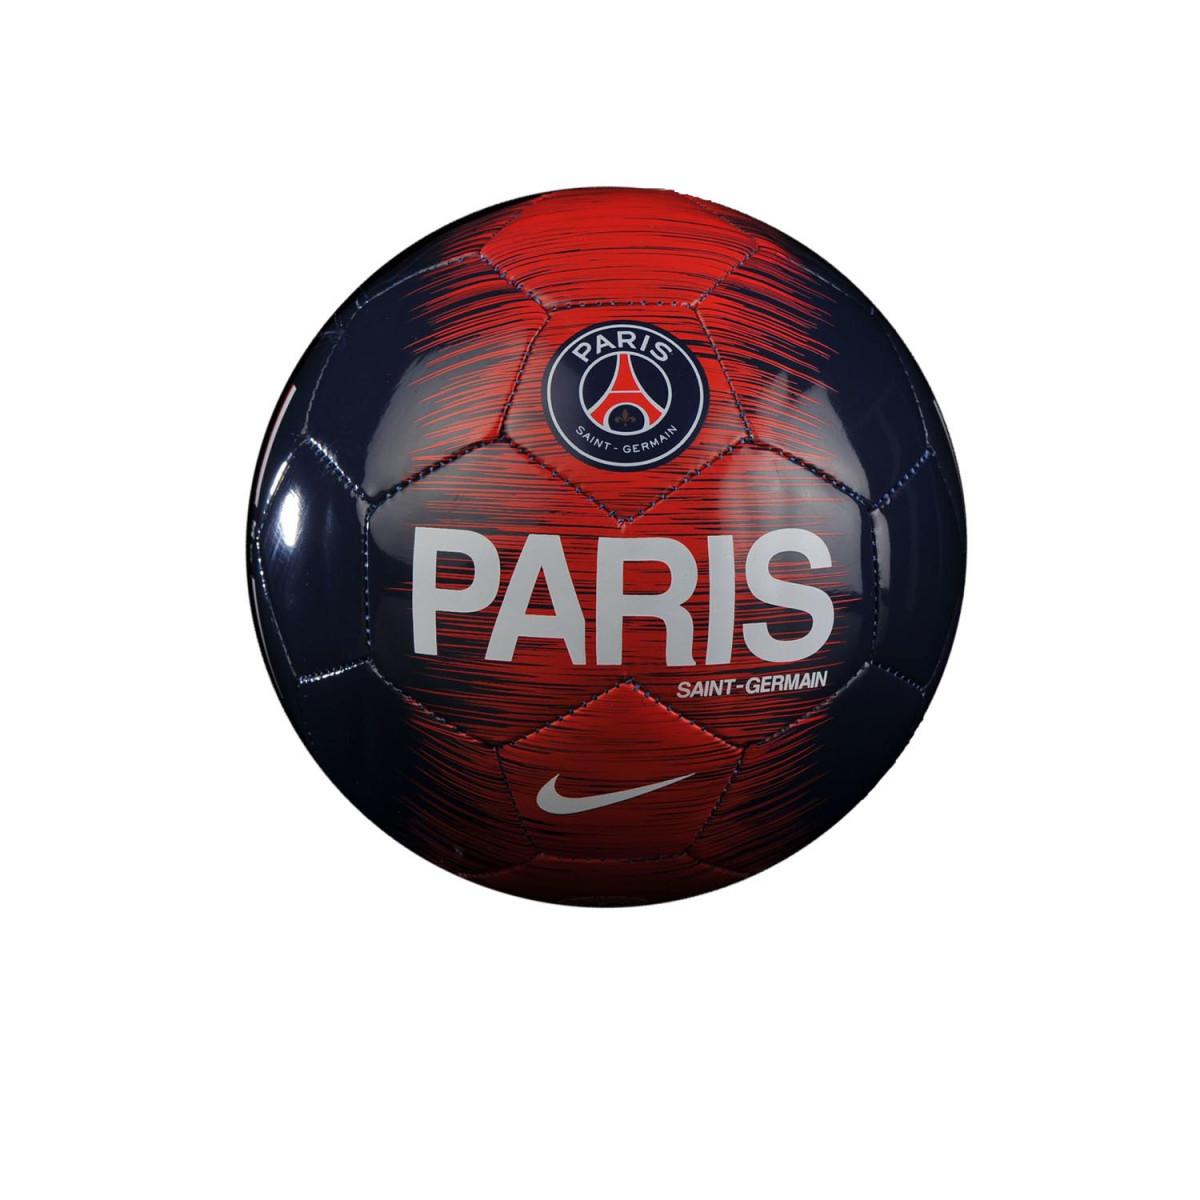 Pelota Nike Paris Saint Germain Skills - Fútbol europeo 238c04a7bab20